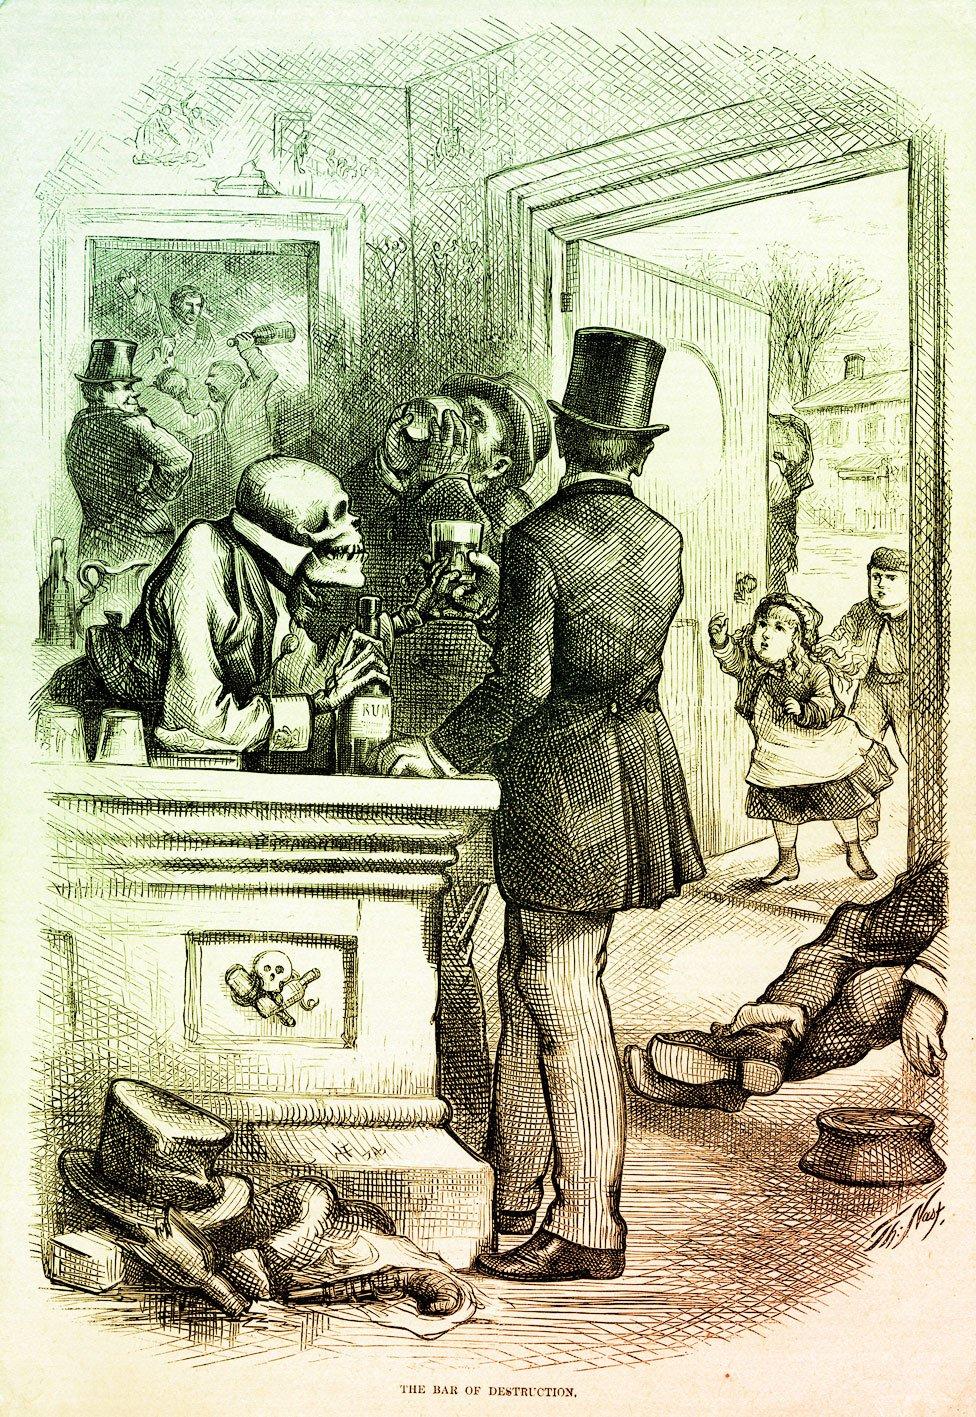 En este cartel, la muerte le sirve una copa de ron a un padre cuya hija le implora que no la tome desde fuera del bar.